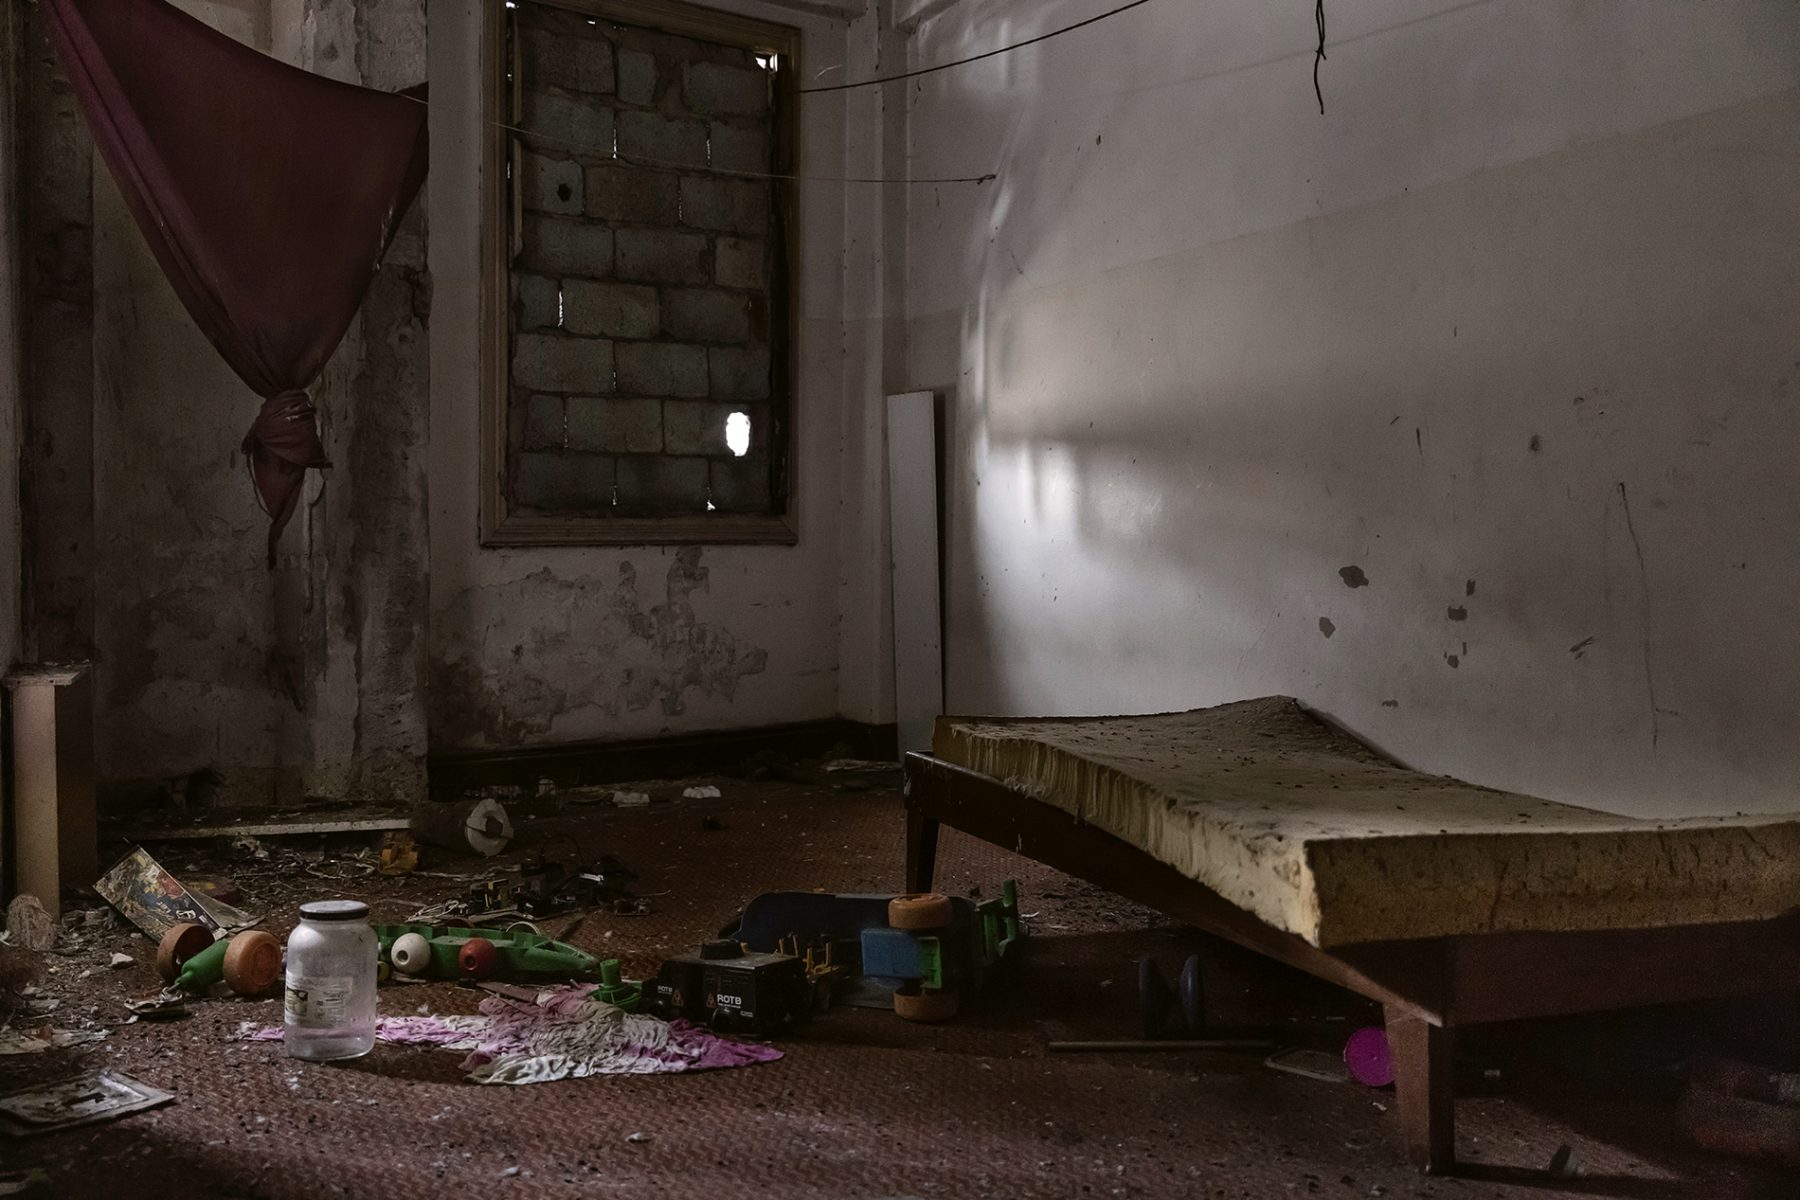 Fotografía en color de Gui Christ, habitación abandonada, parafernalia de drogas, colchón sucio, basura